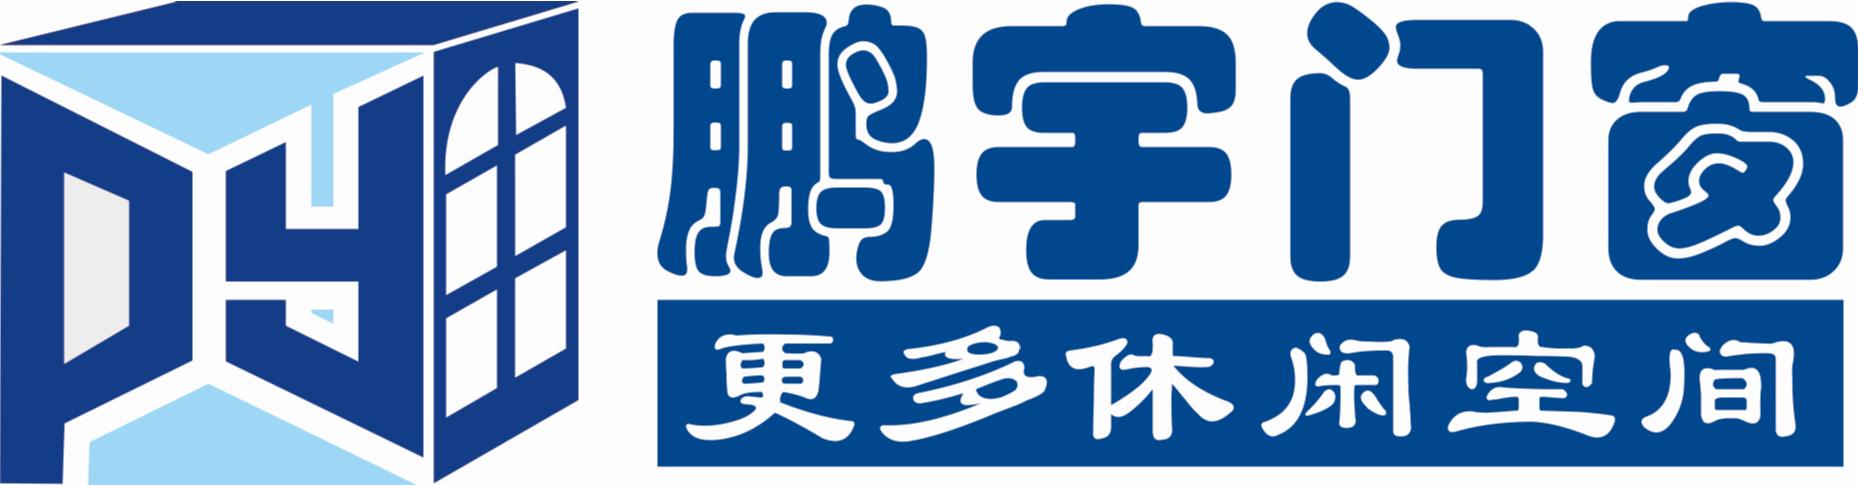 西藏鹏宇门窗有限公司